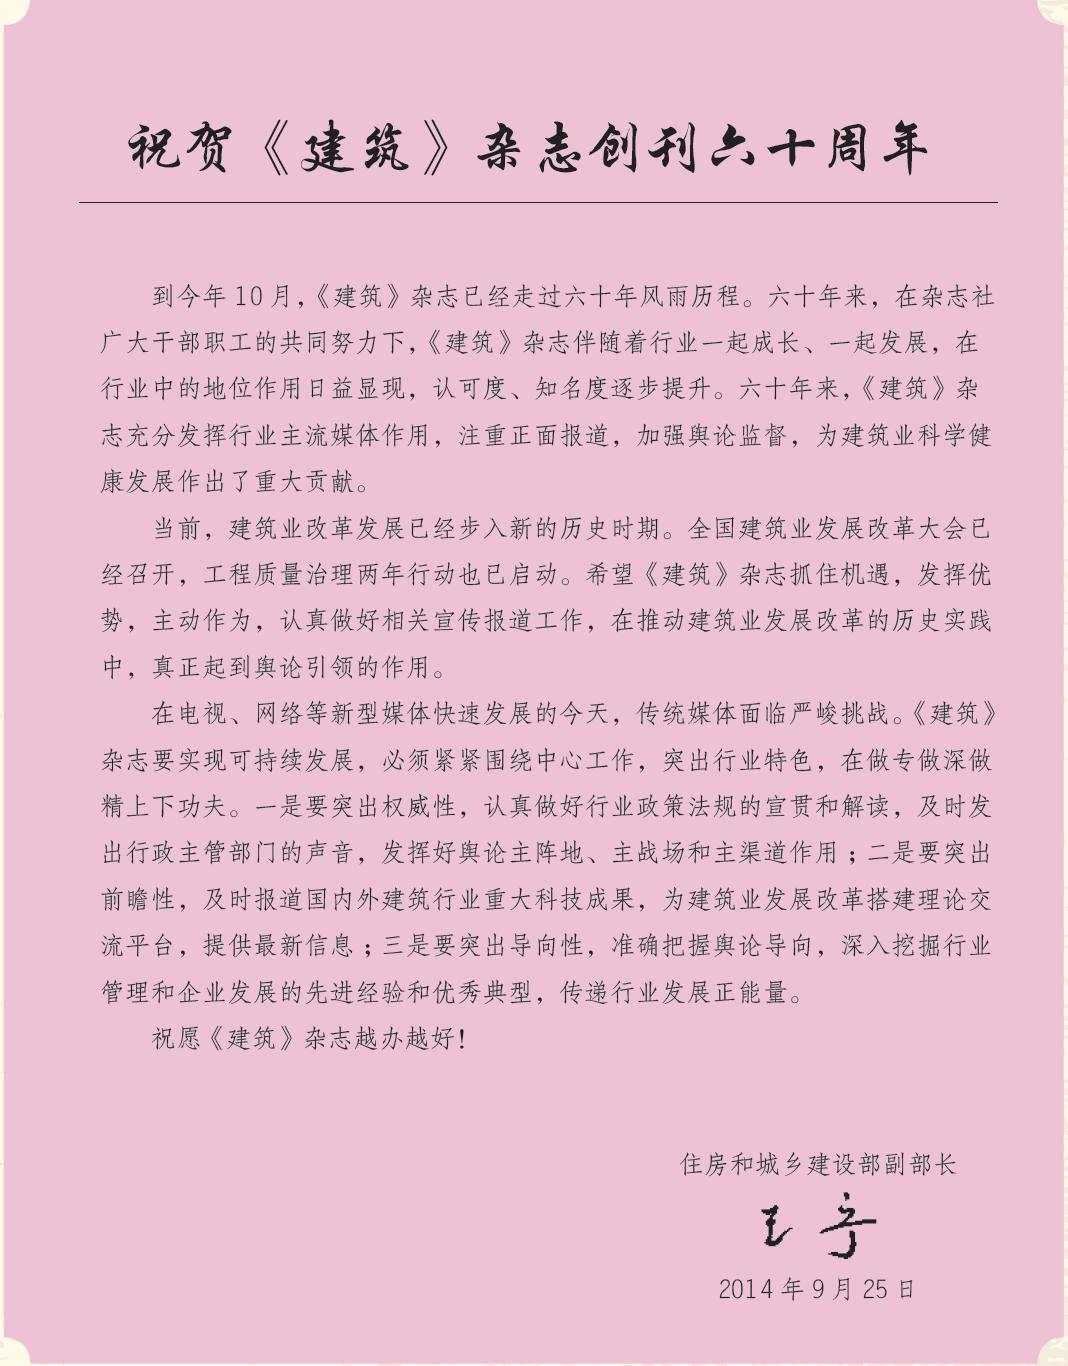 王宁副部长